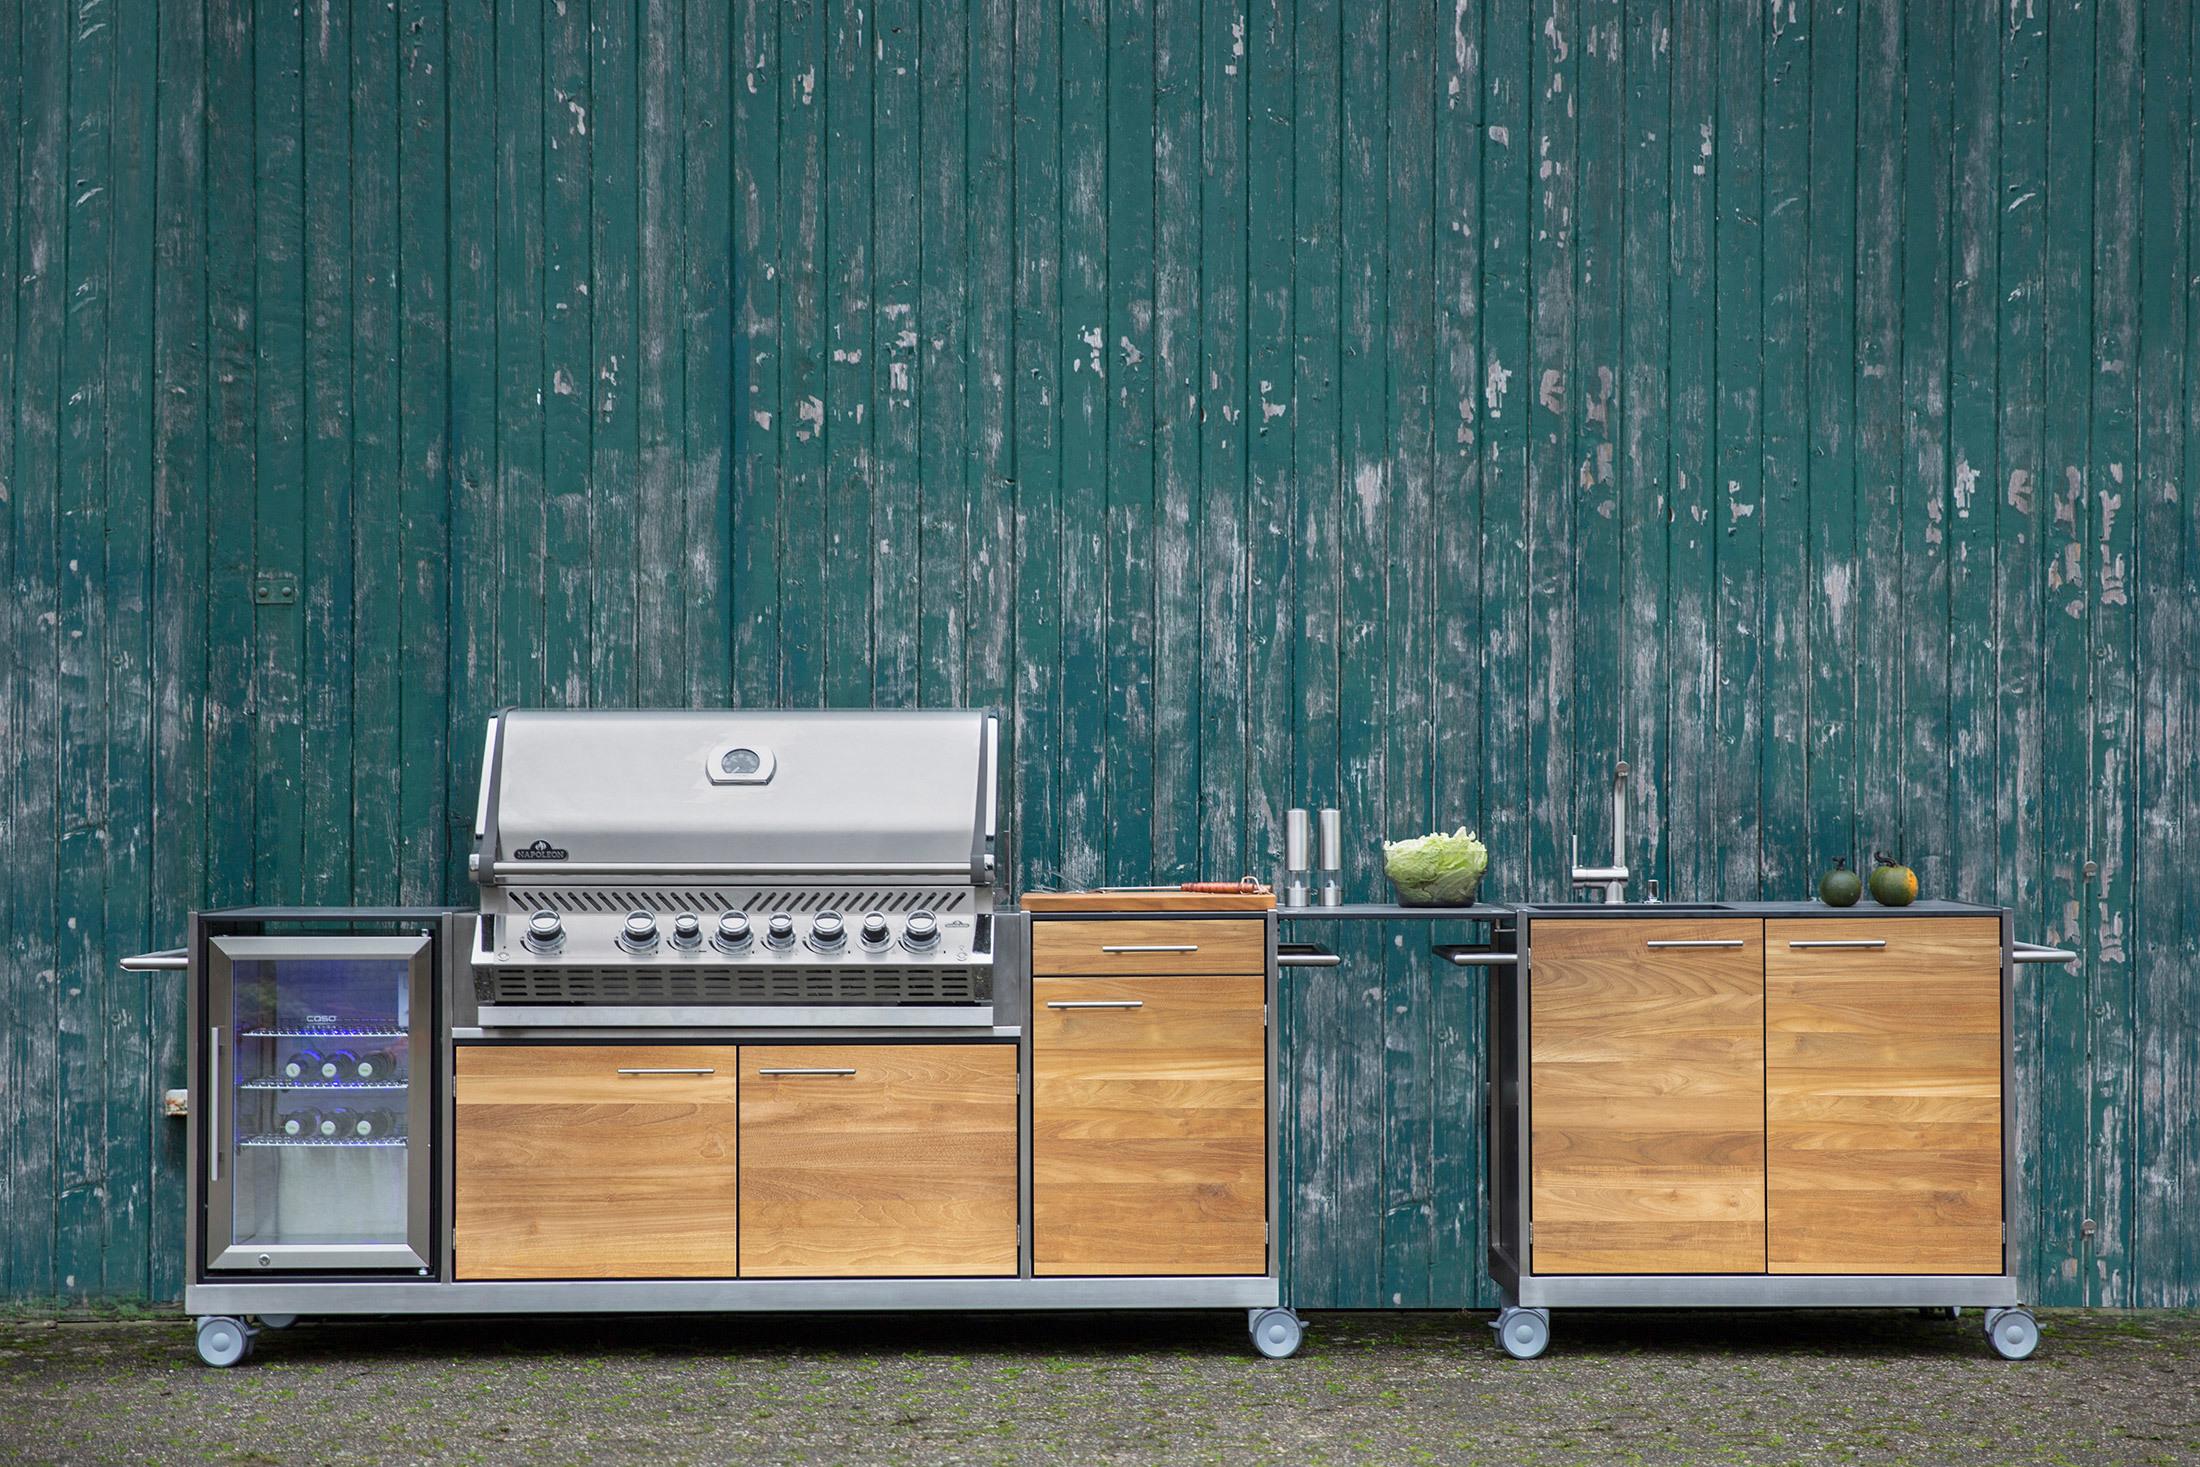 Full Size of Basic Outdoor Kche Von Niehoff Garden Stylepark Mobile Küche Wohnzimmer Mobile Outdoorküche